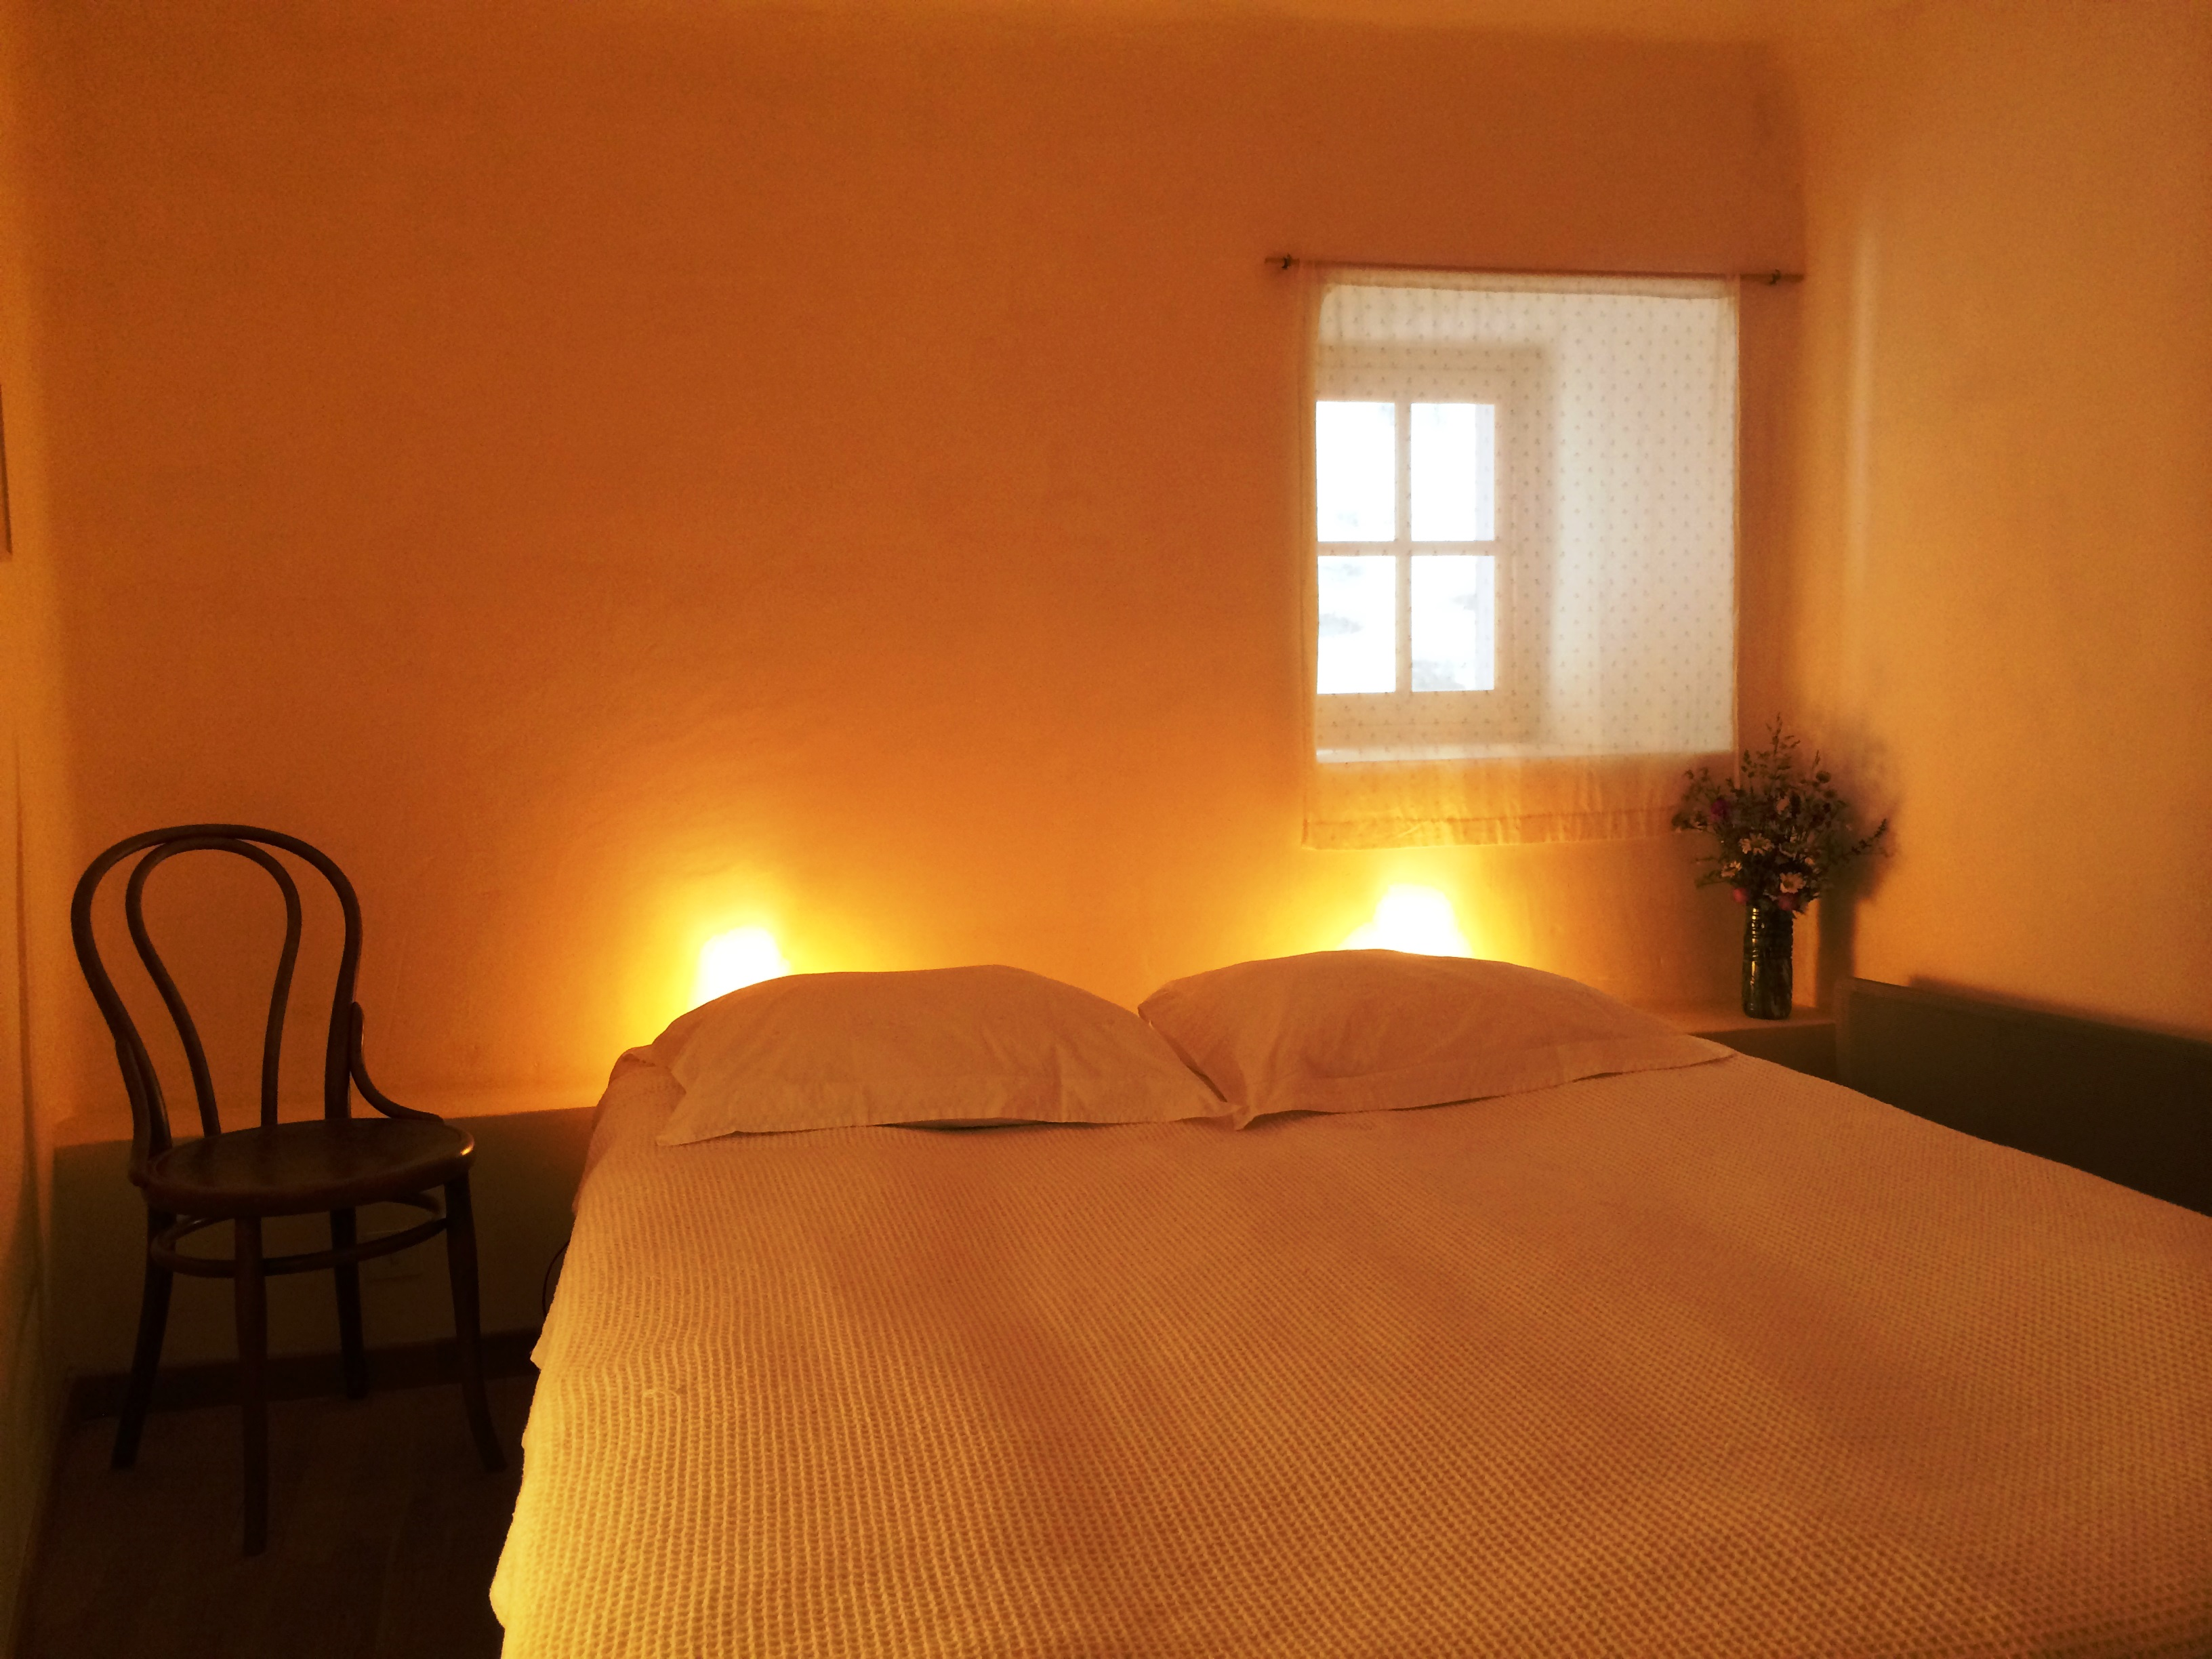 Slaapkamer, 2 bedden van 210 x 80 cm